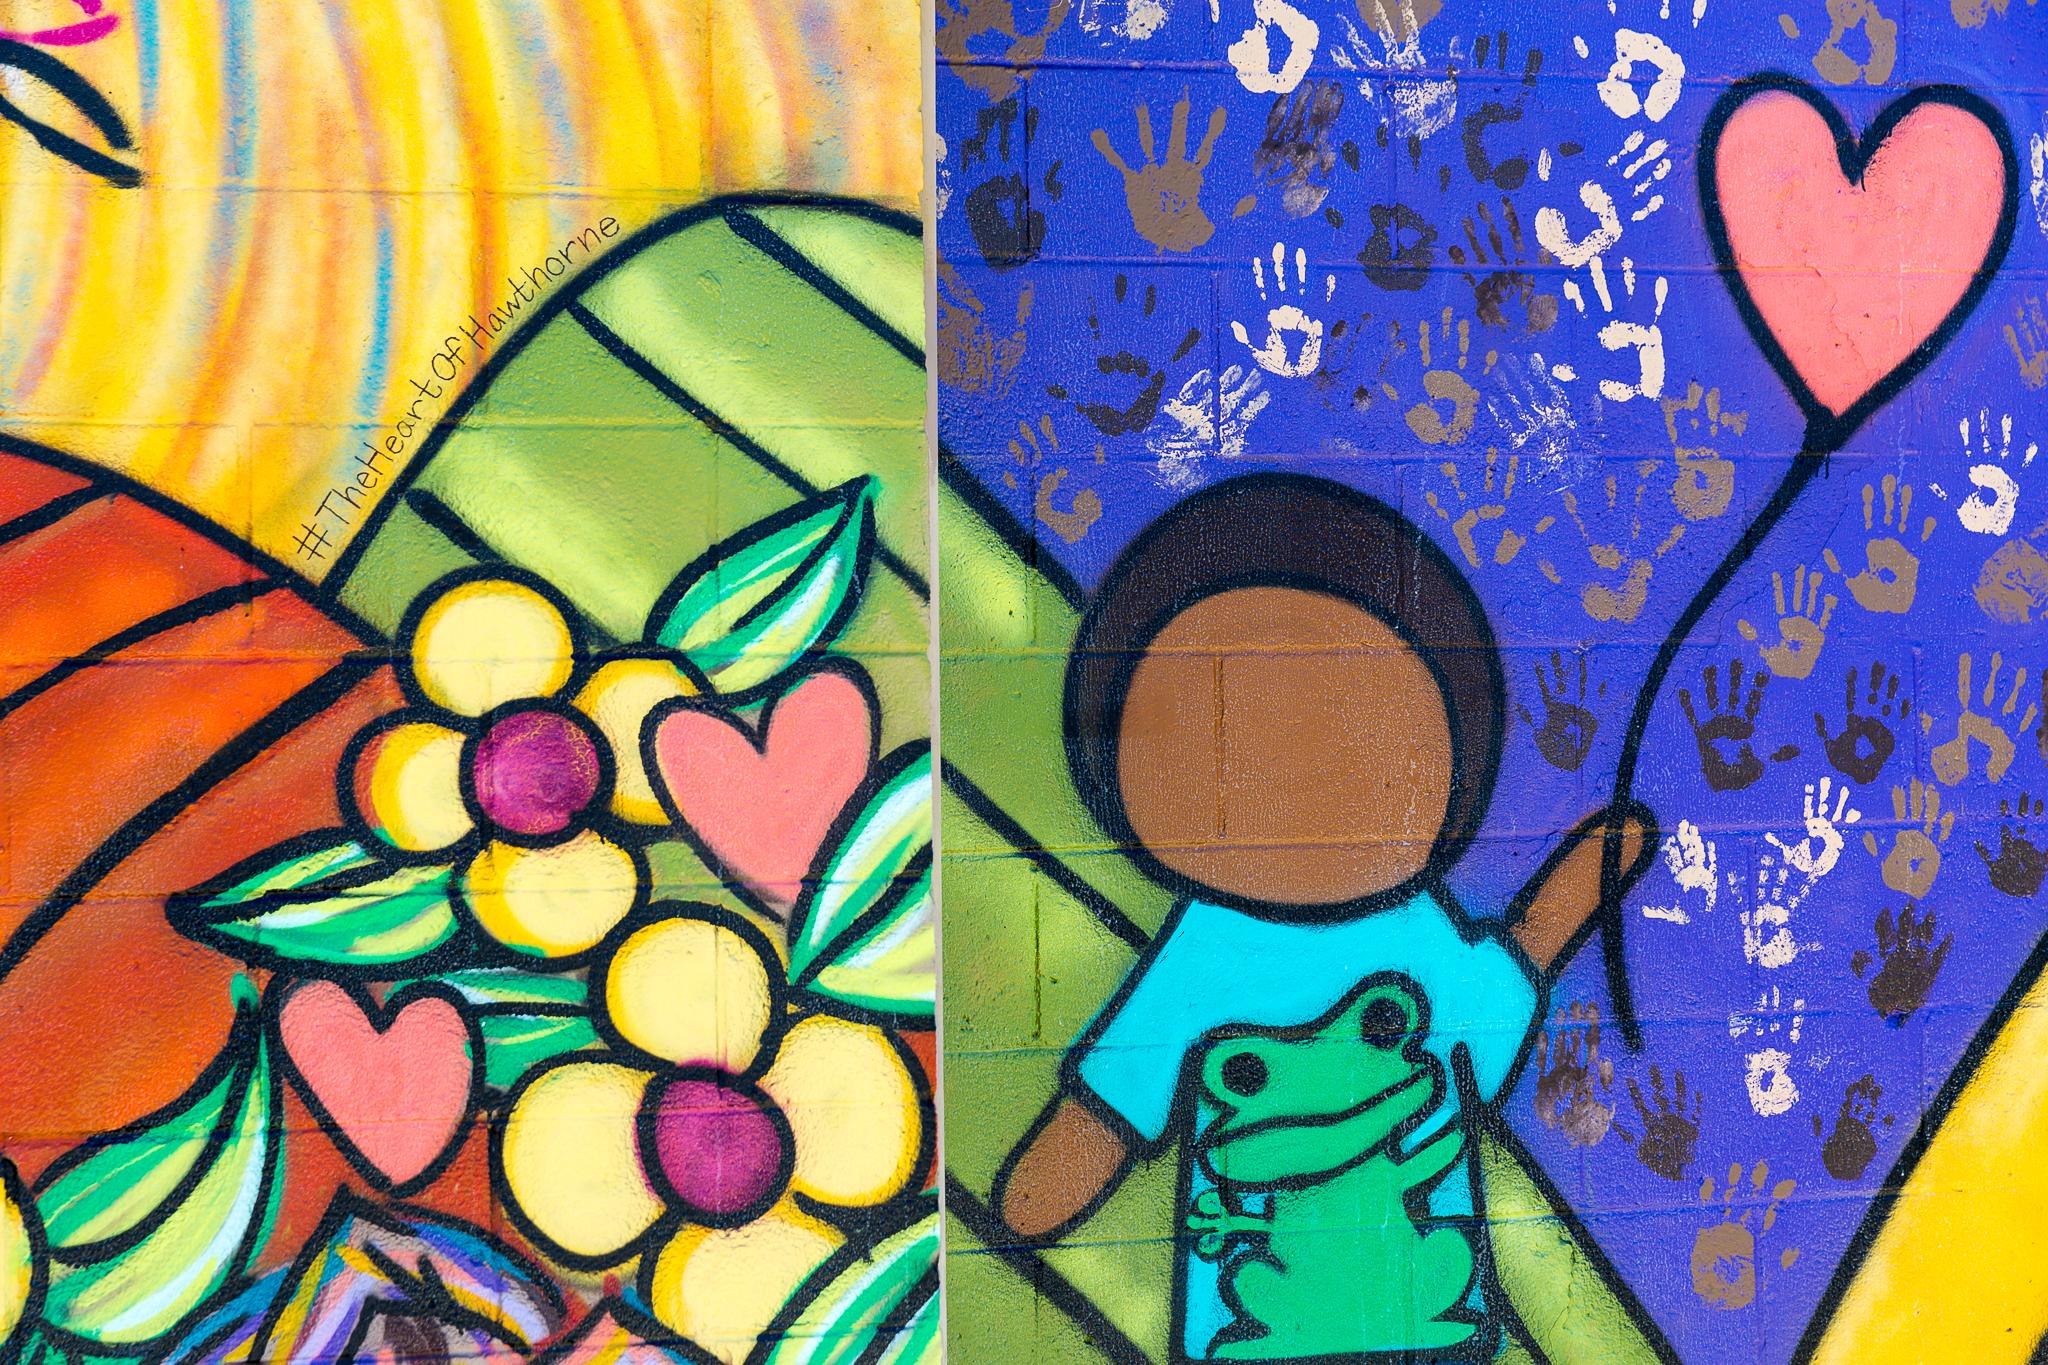 Closeup of Hand prints